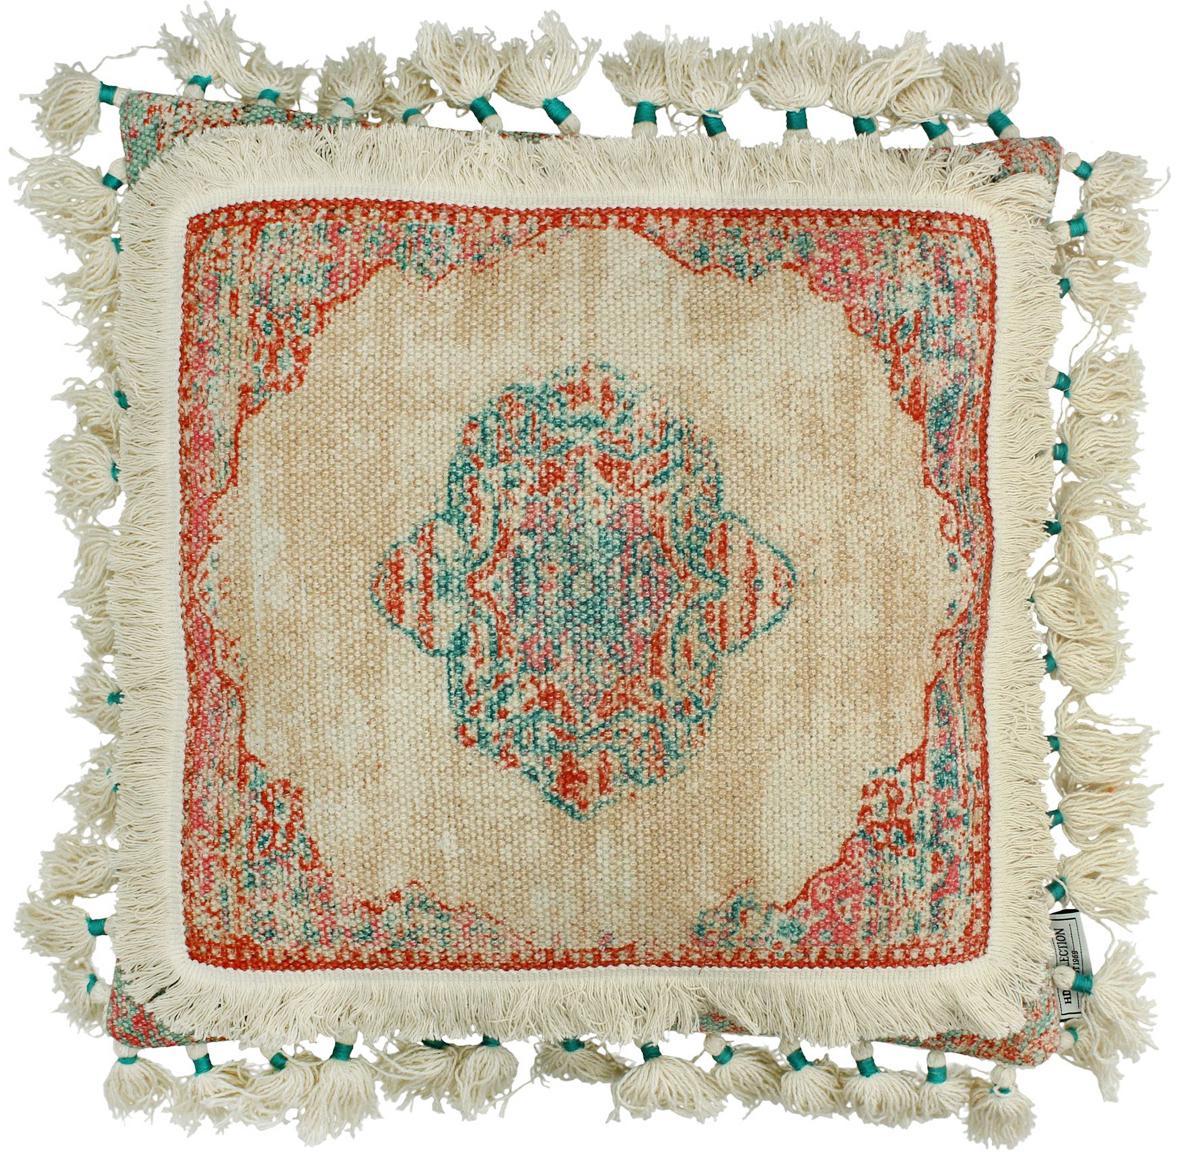 Kussen Latina met kwastjes, met vulling, Katoen, Beige, multicolour, 45 x 45 cm